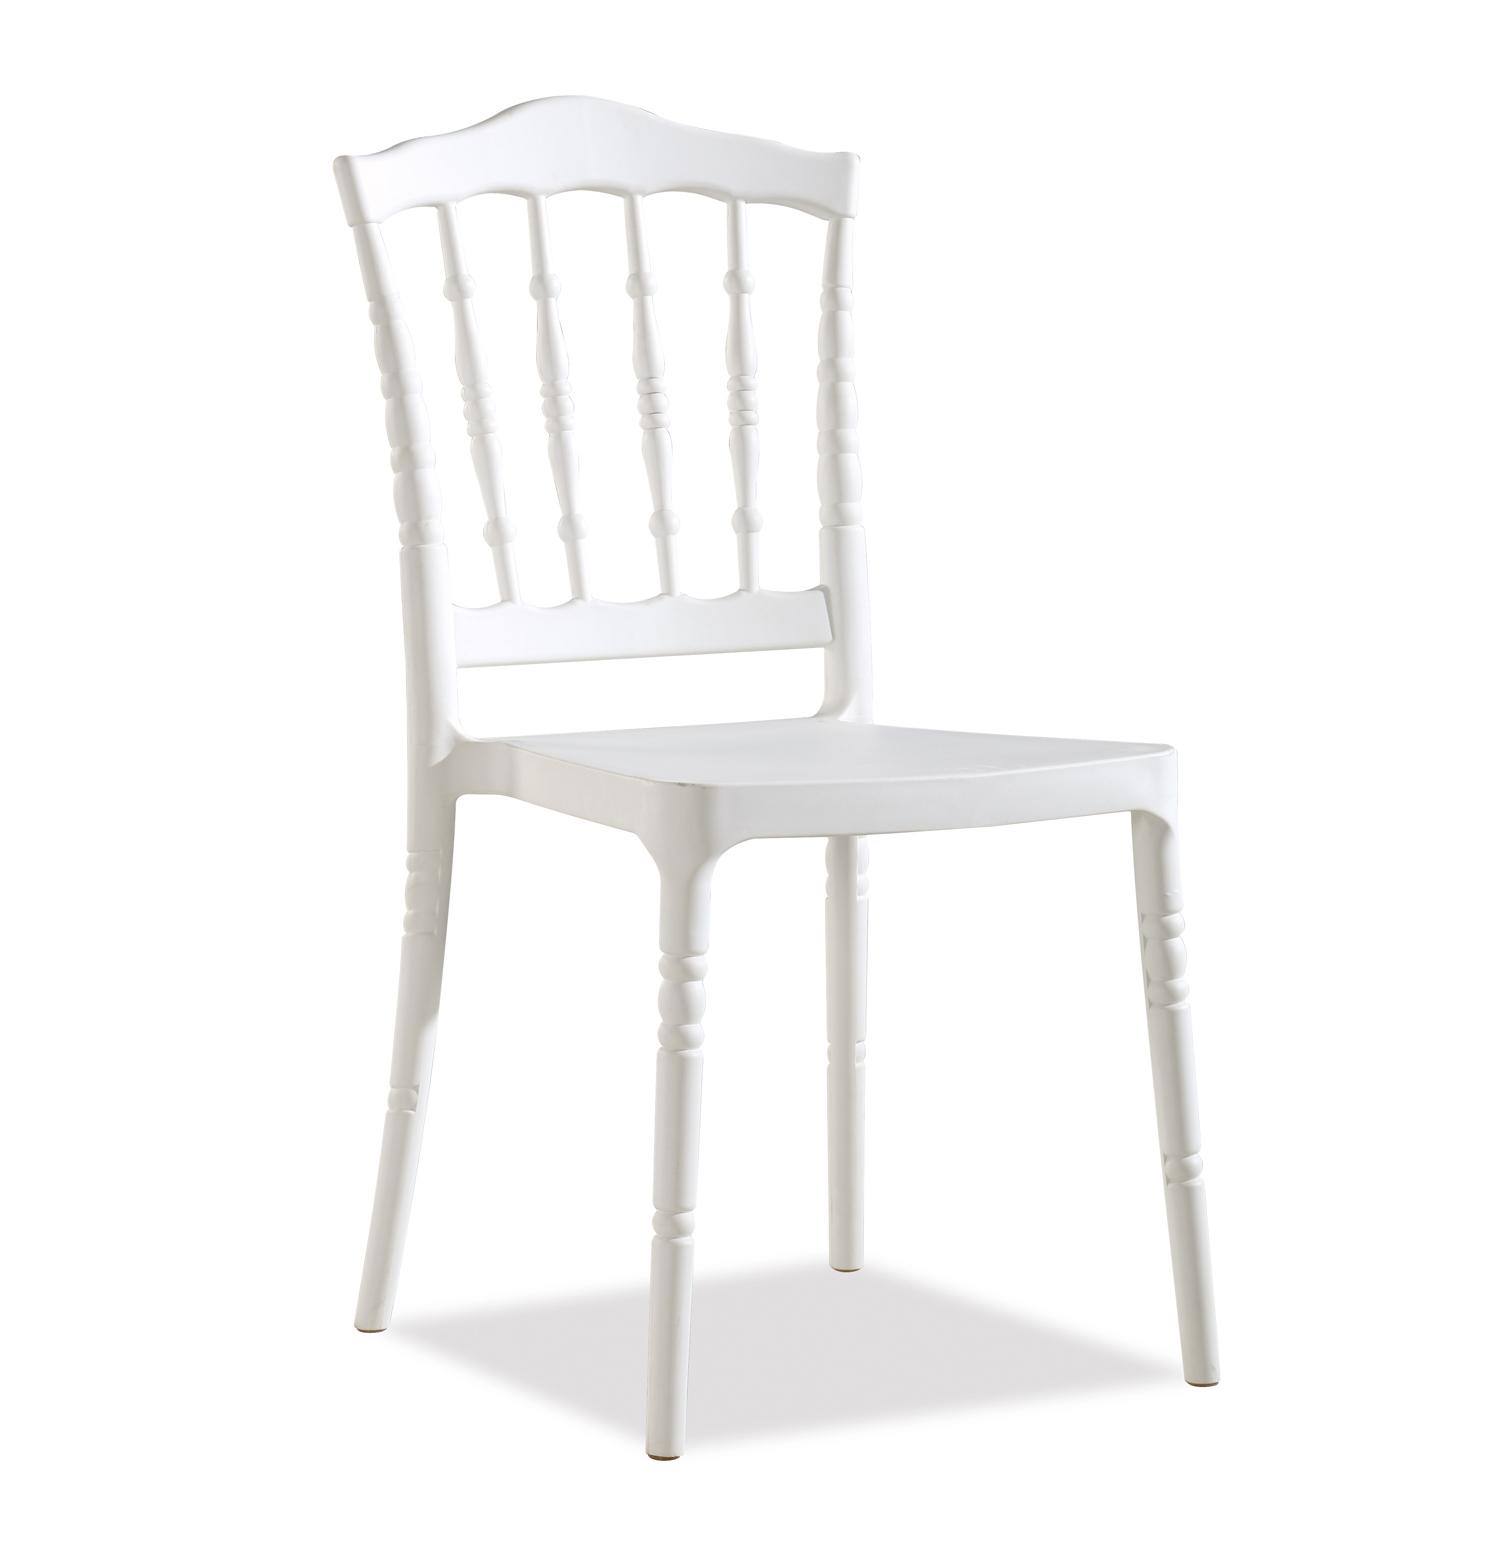 Sedia chiavarina a in polipropilene rinforzato adatta per arredare ambienti eleganti - Chiavarina sedia ...